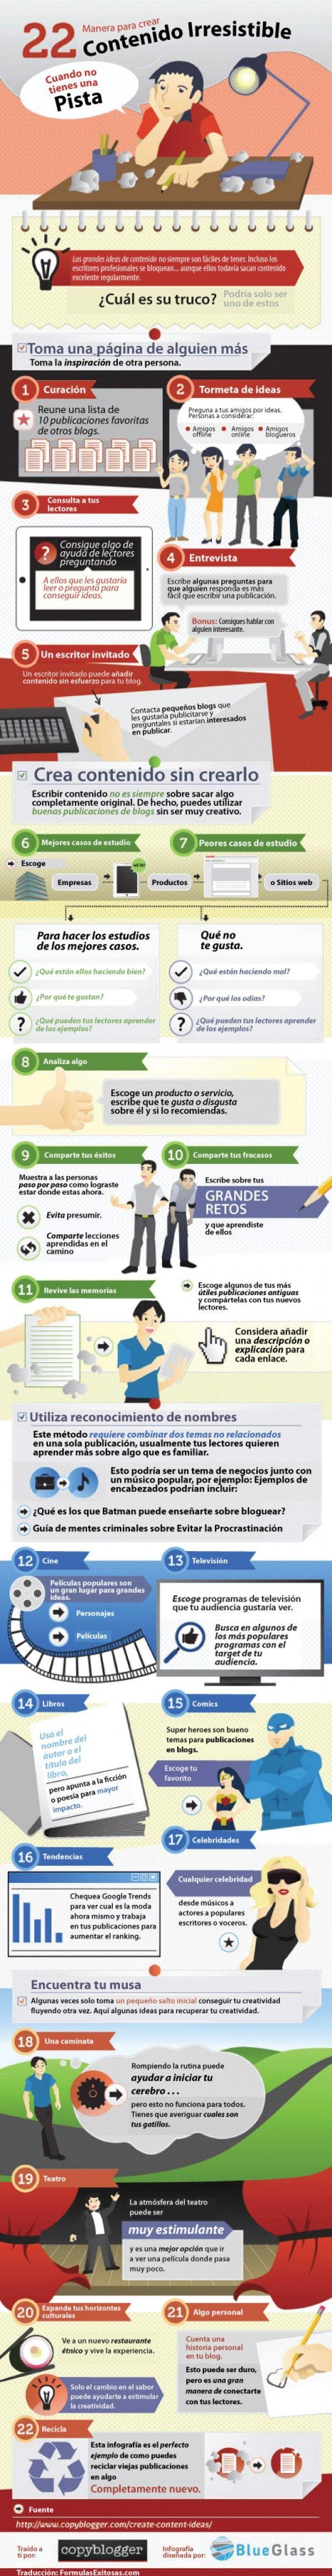 #ElSaborDigital Infografía en español que muestra 22 consejos para crear contenido en #SocialMedia #CCentral